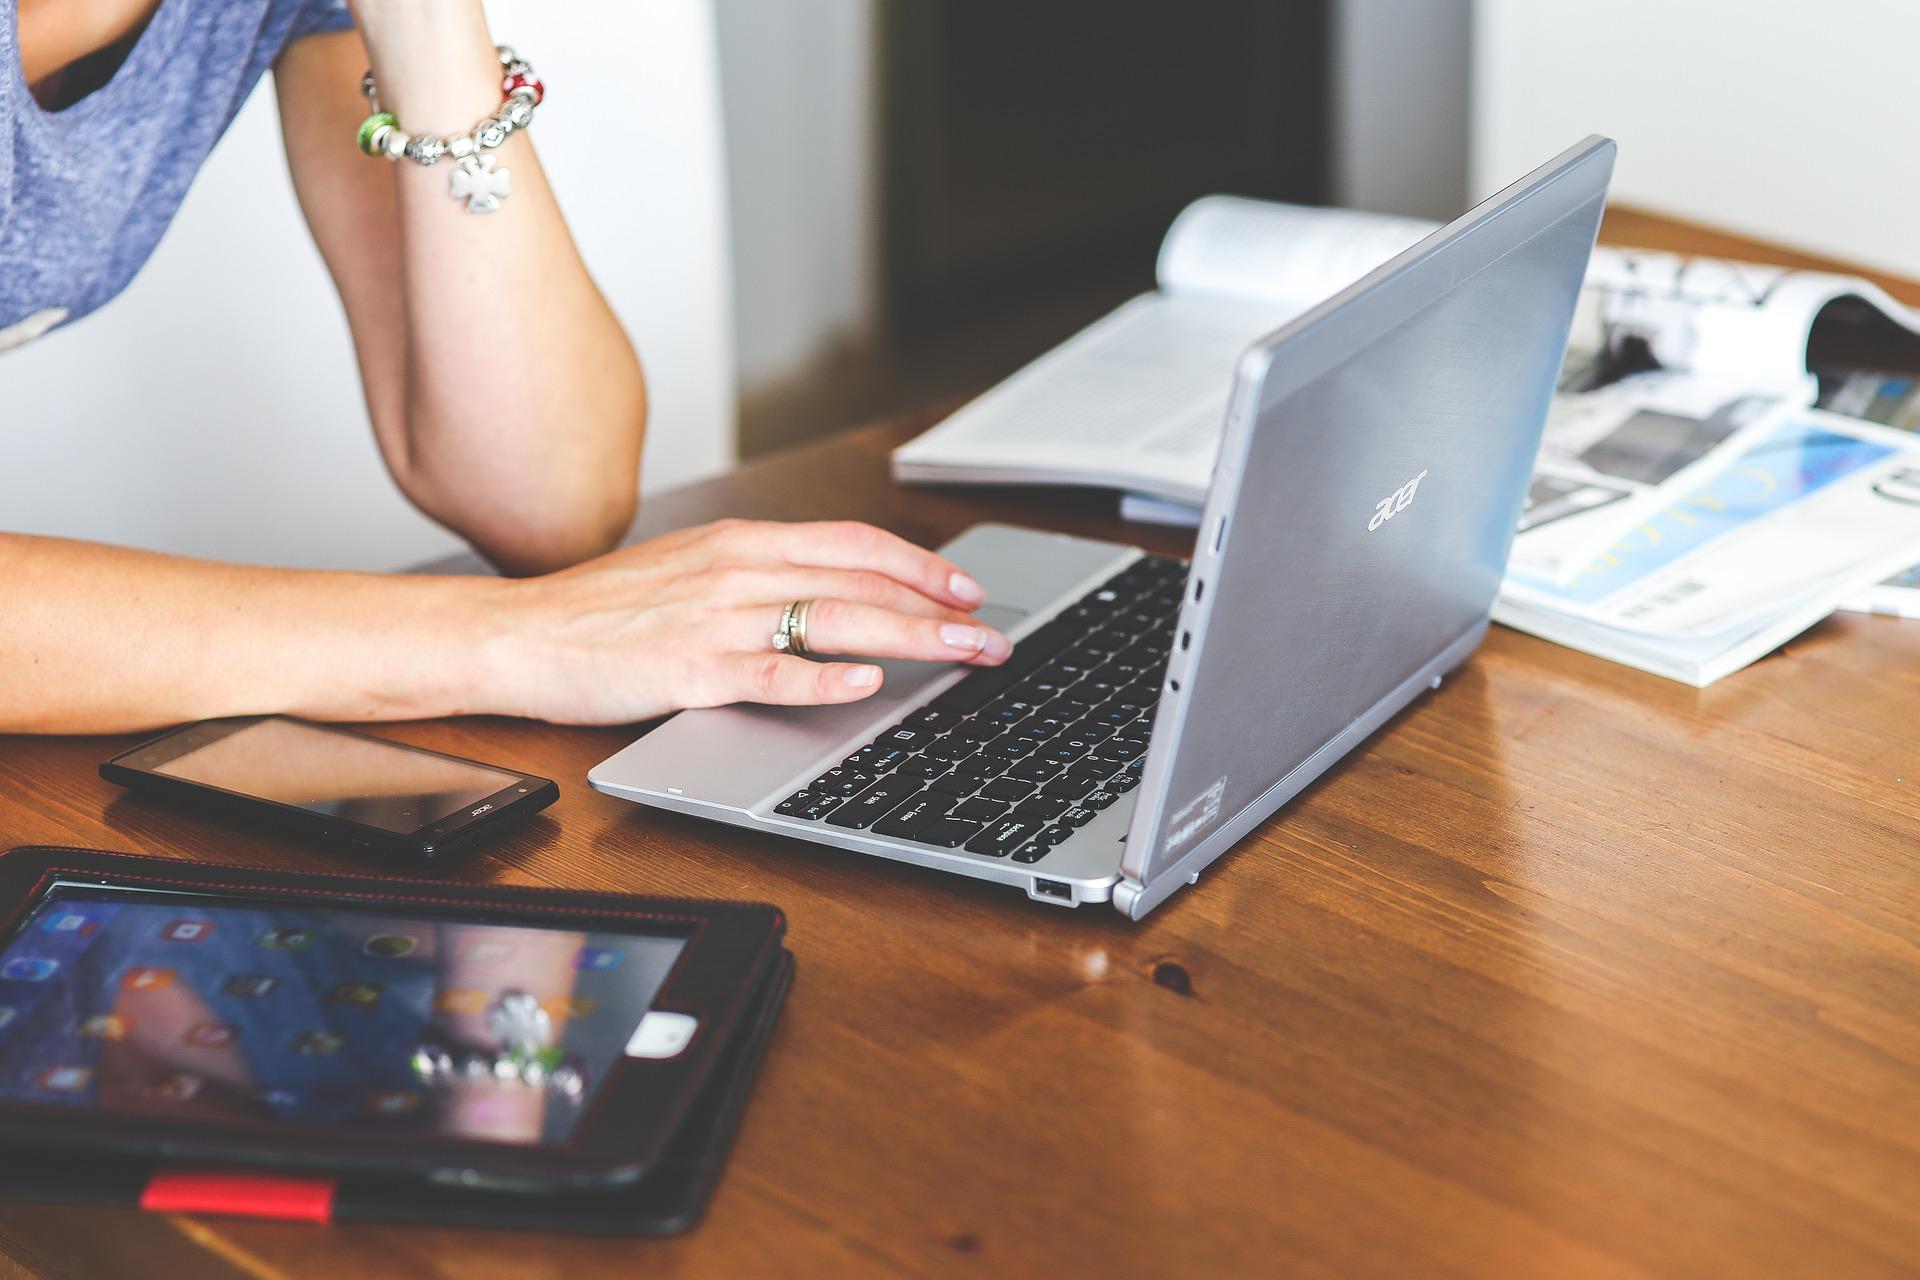 Де найкраще продати речі в інтернеті: огляд популярних майданчиків